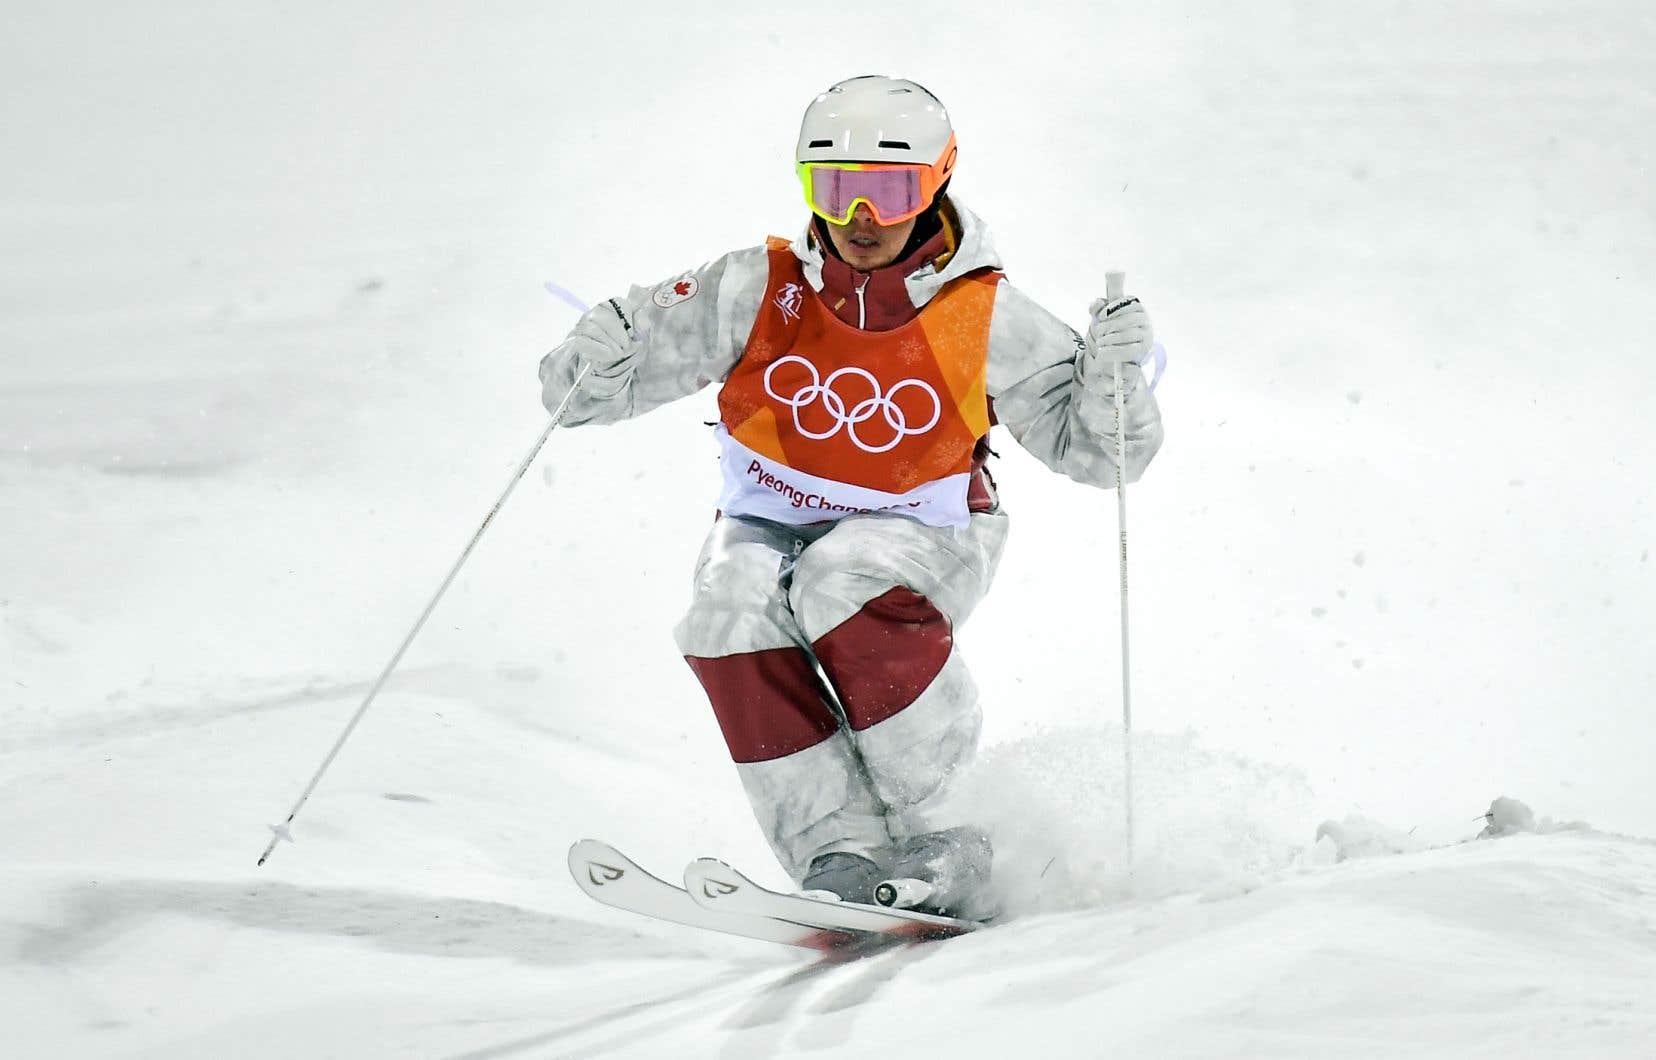 Mikaël Kingsbury a démontré toute sa maîtrise de sa discipline dans la dernière descente lundi pour remporter sa première médaille d'or olympique.